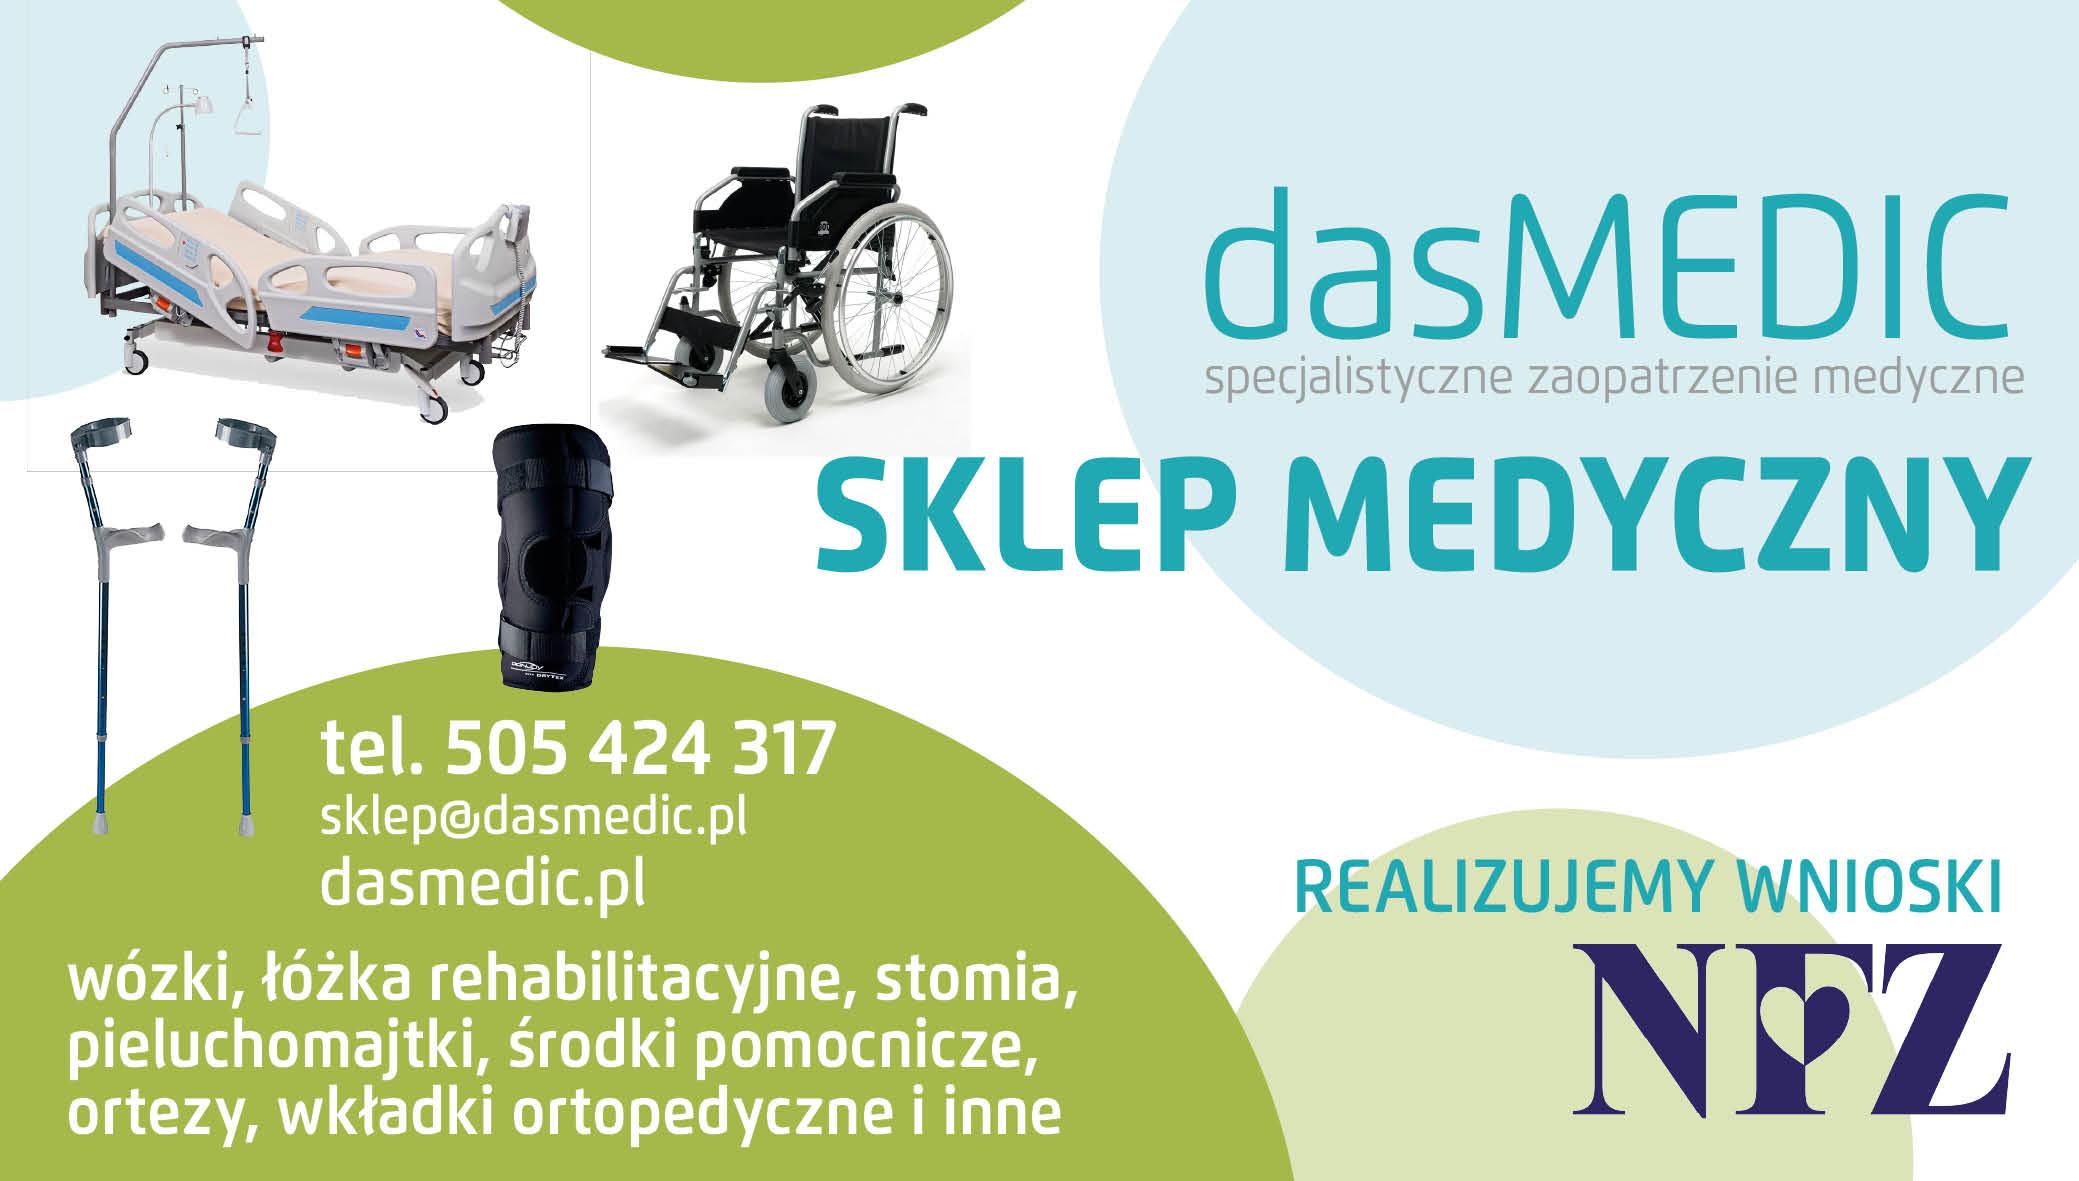 Nowy sklep Medyczny Das Medic w Bełchatowie przy ul. Wojska Polskiego 40 - Zdjęcie główne